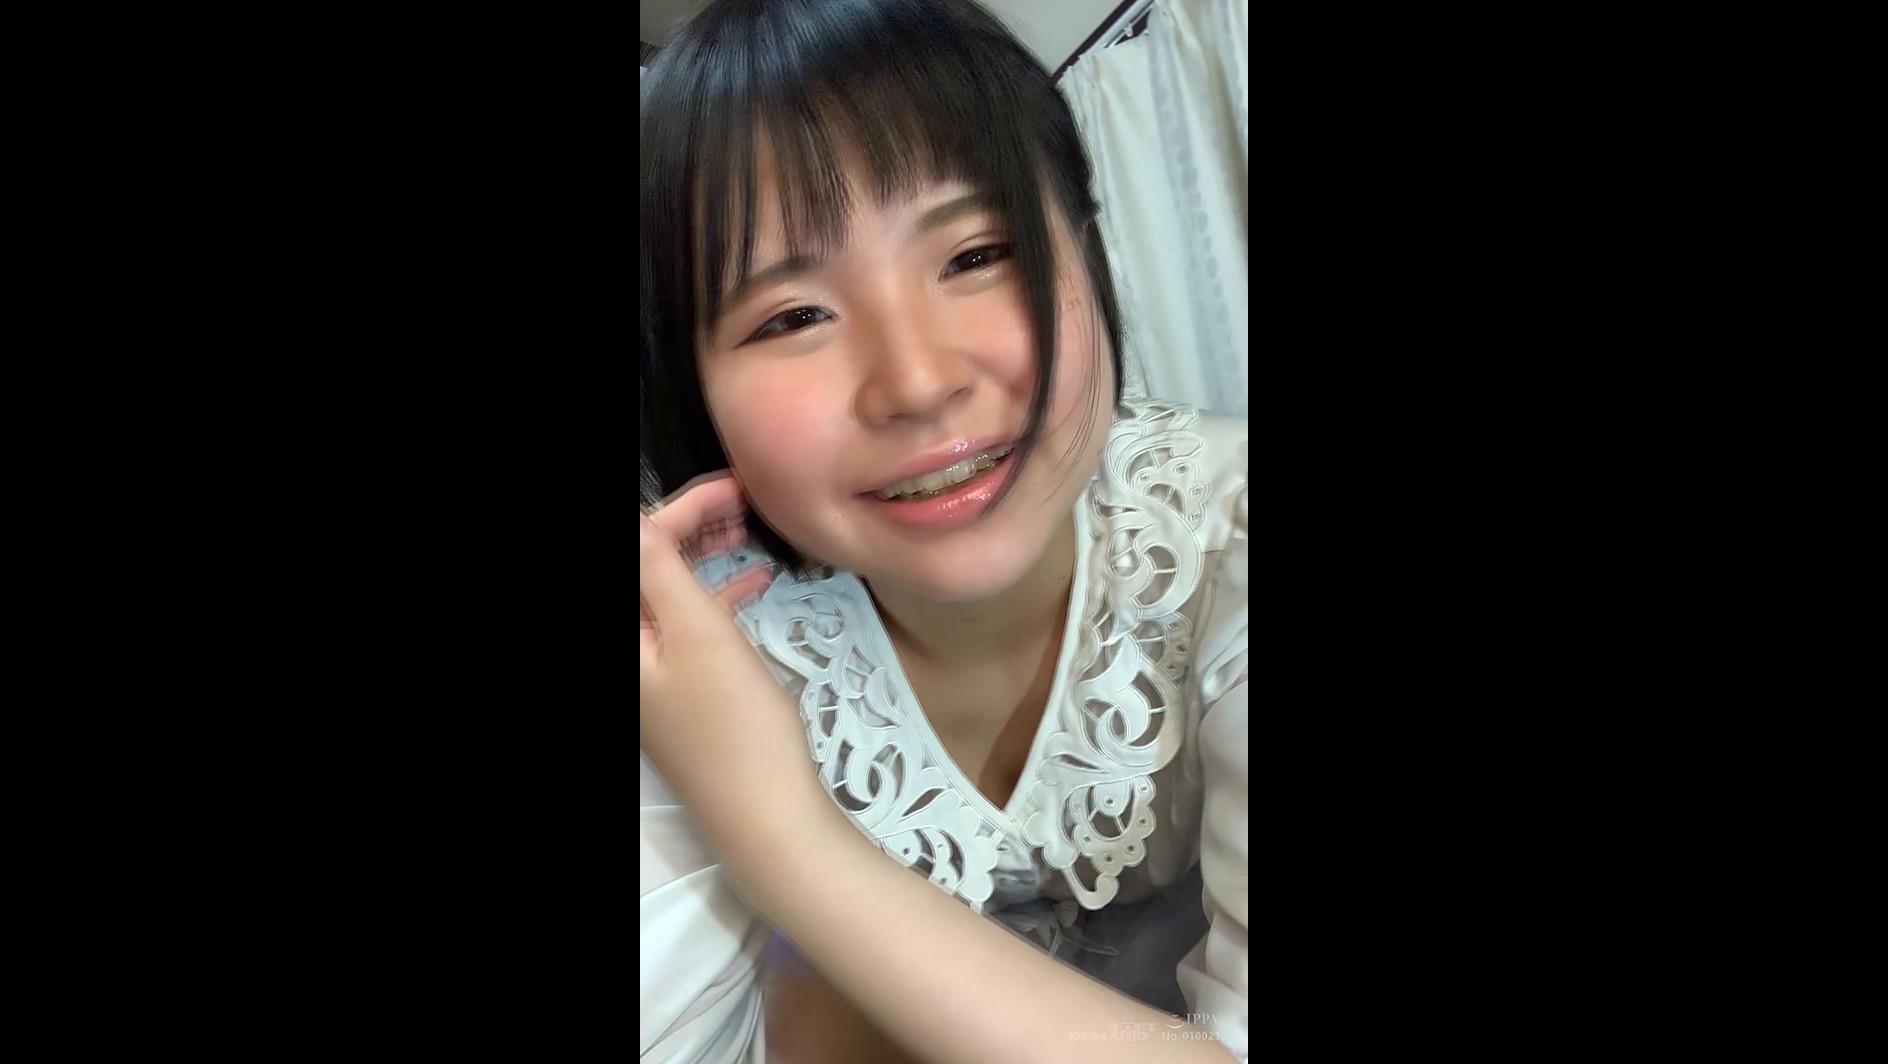 ビデオ通話エッチ JOI ゆり 【縦動画】 画像1